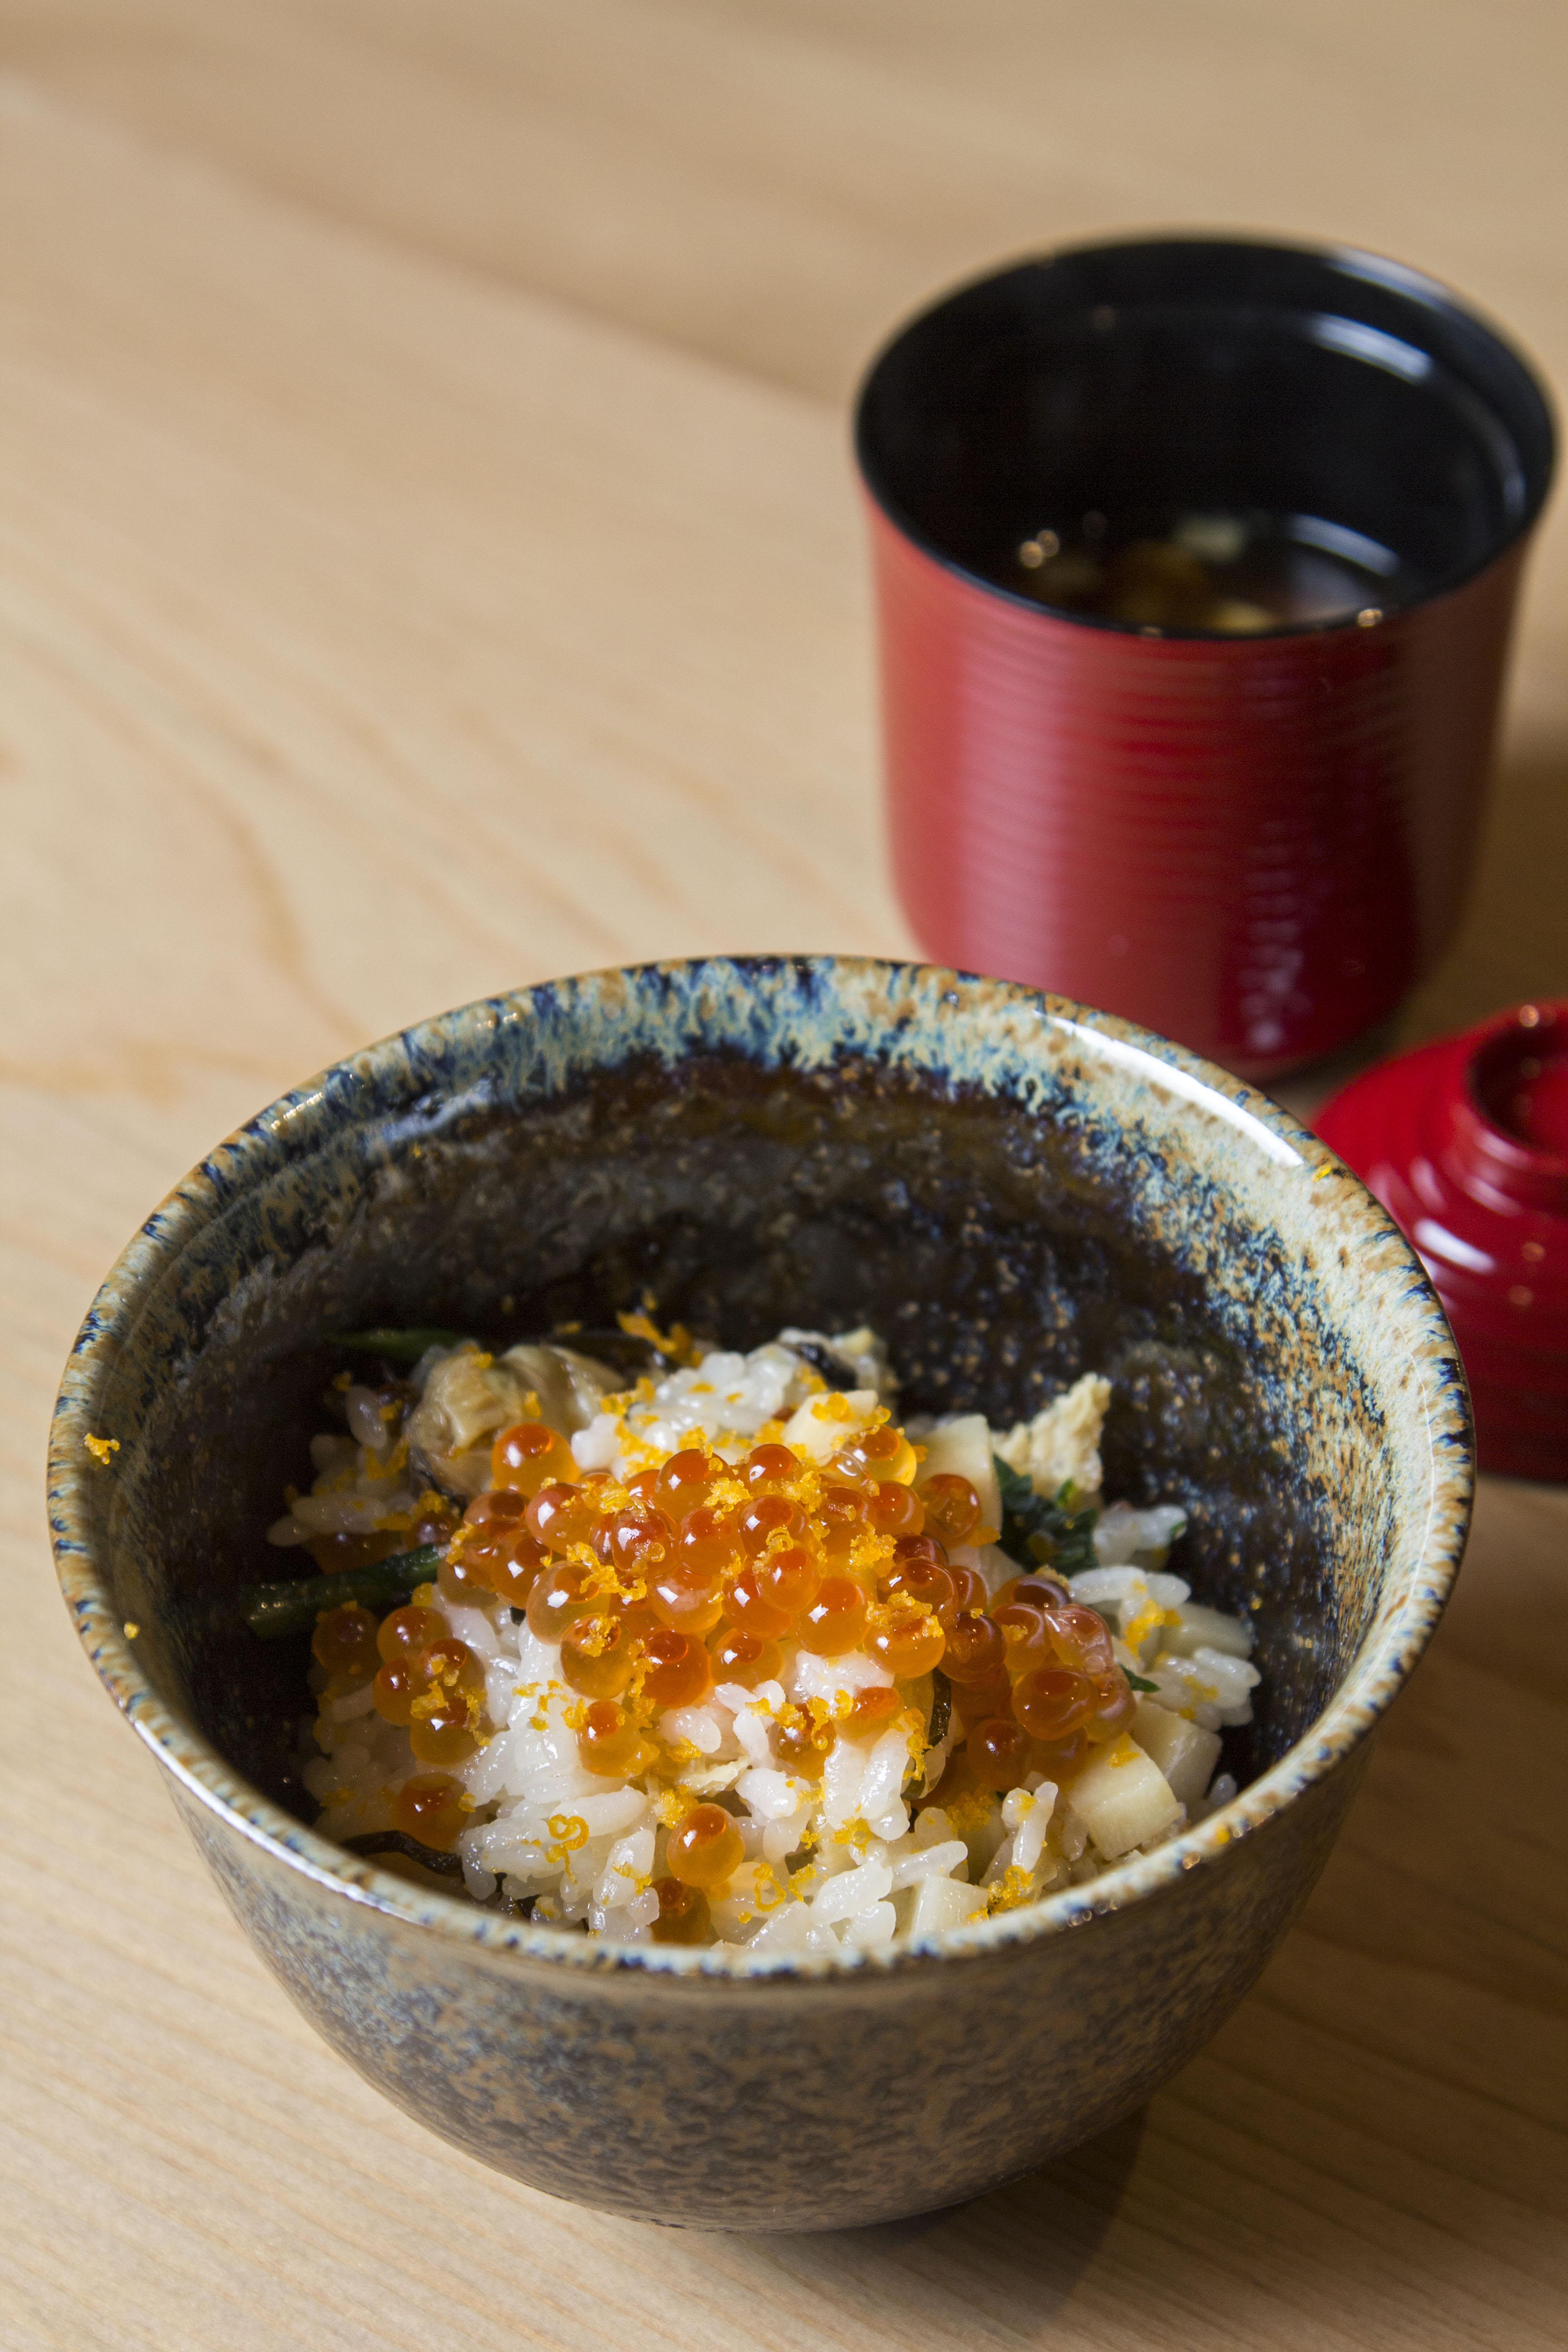 ร้านอาหารญี่ปุ่น ร้านซูชิ omakase กรุงเทพ ร้าน omakase